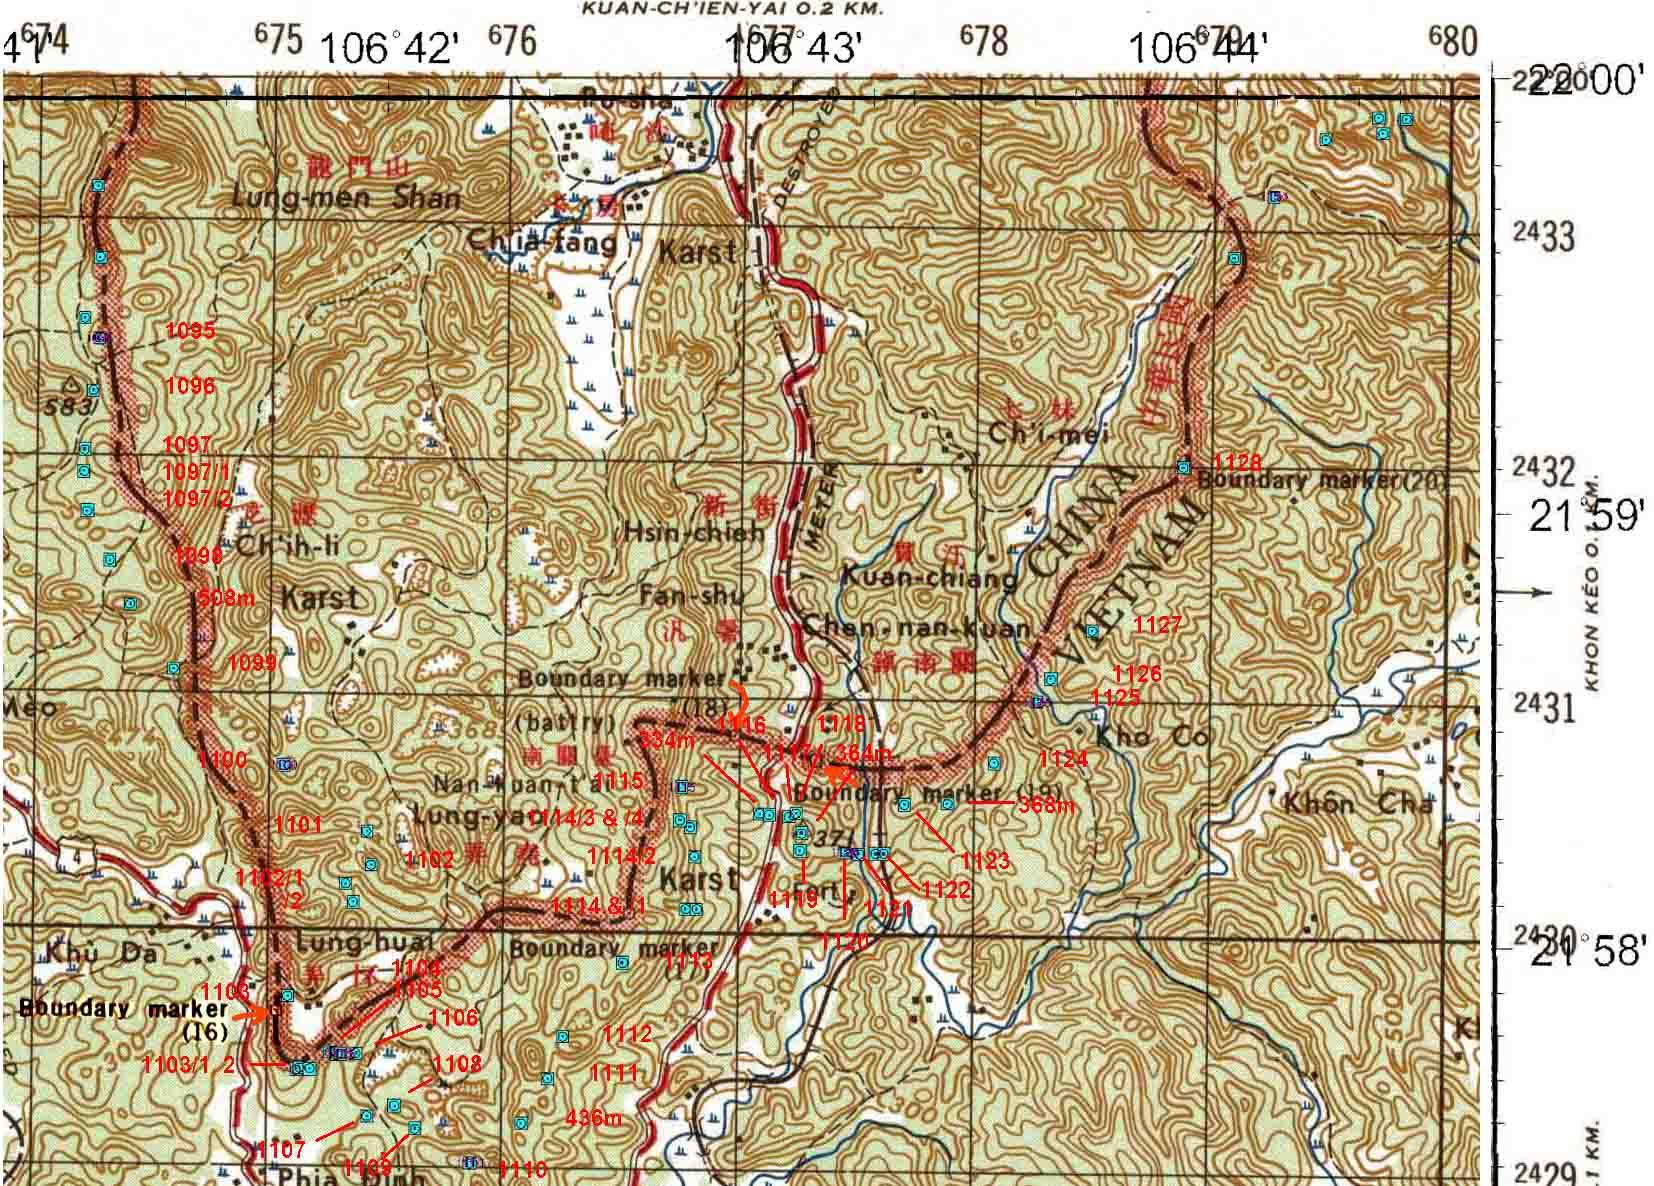 Diện tích trung bình một mảnh bản đồ địa hình trong hệ tọa độ quốc gia VN-2000